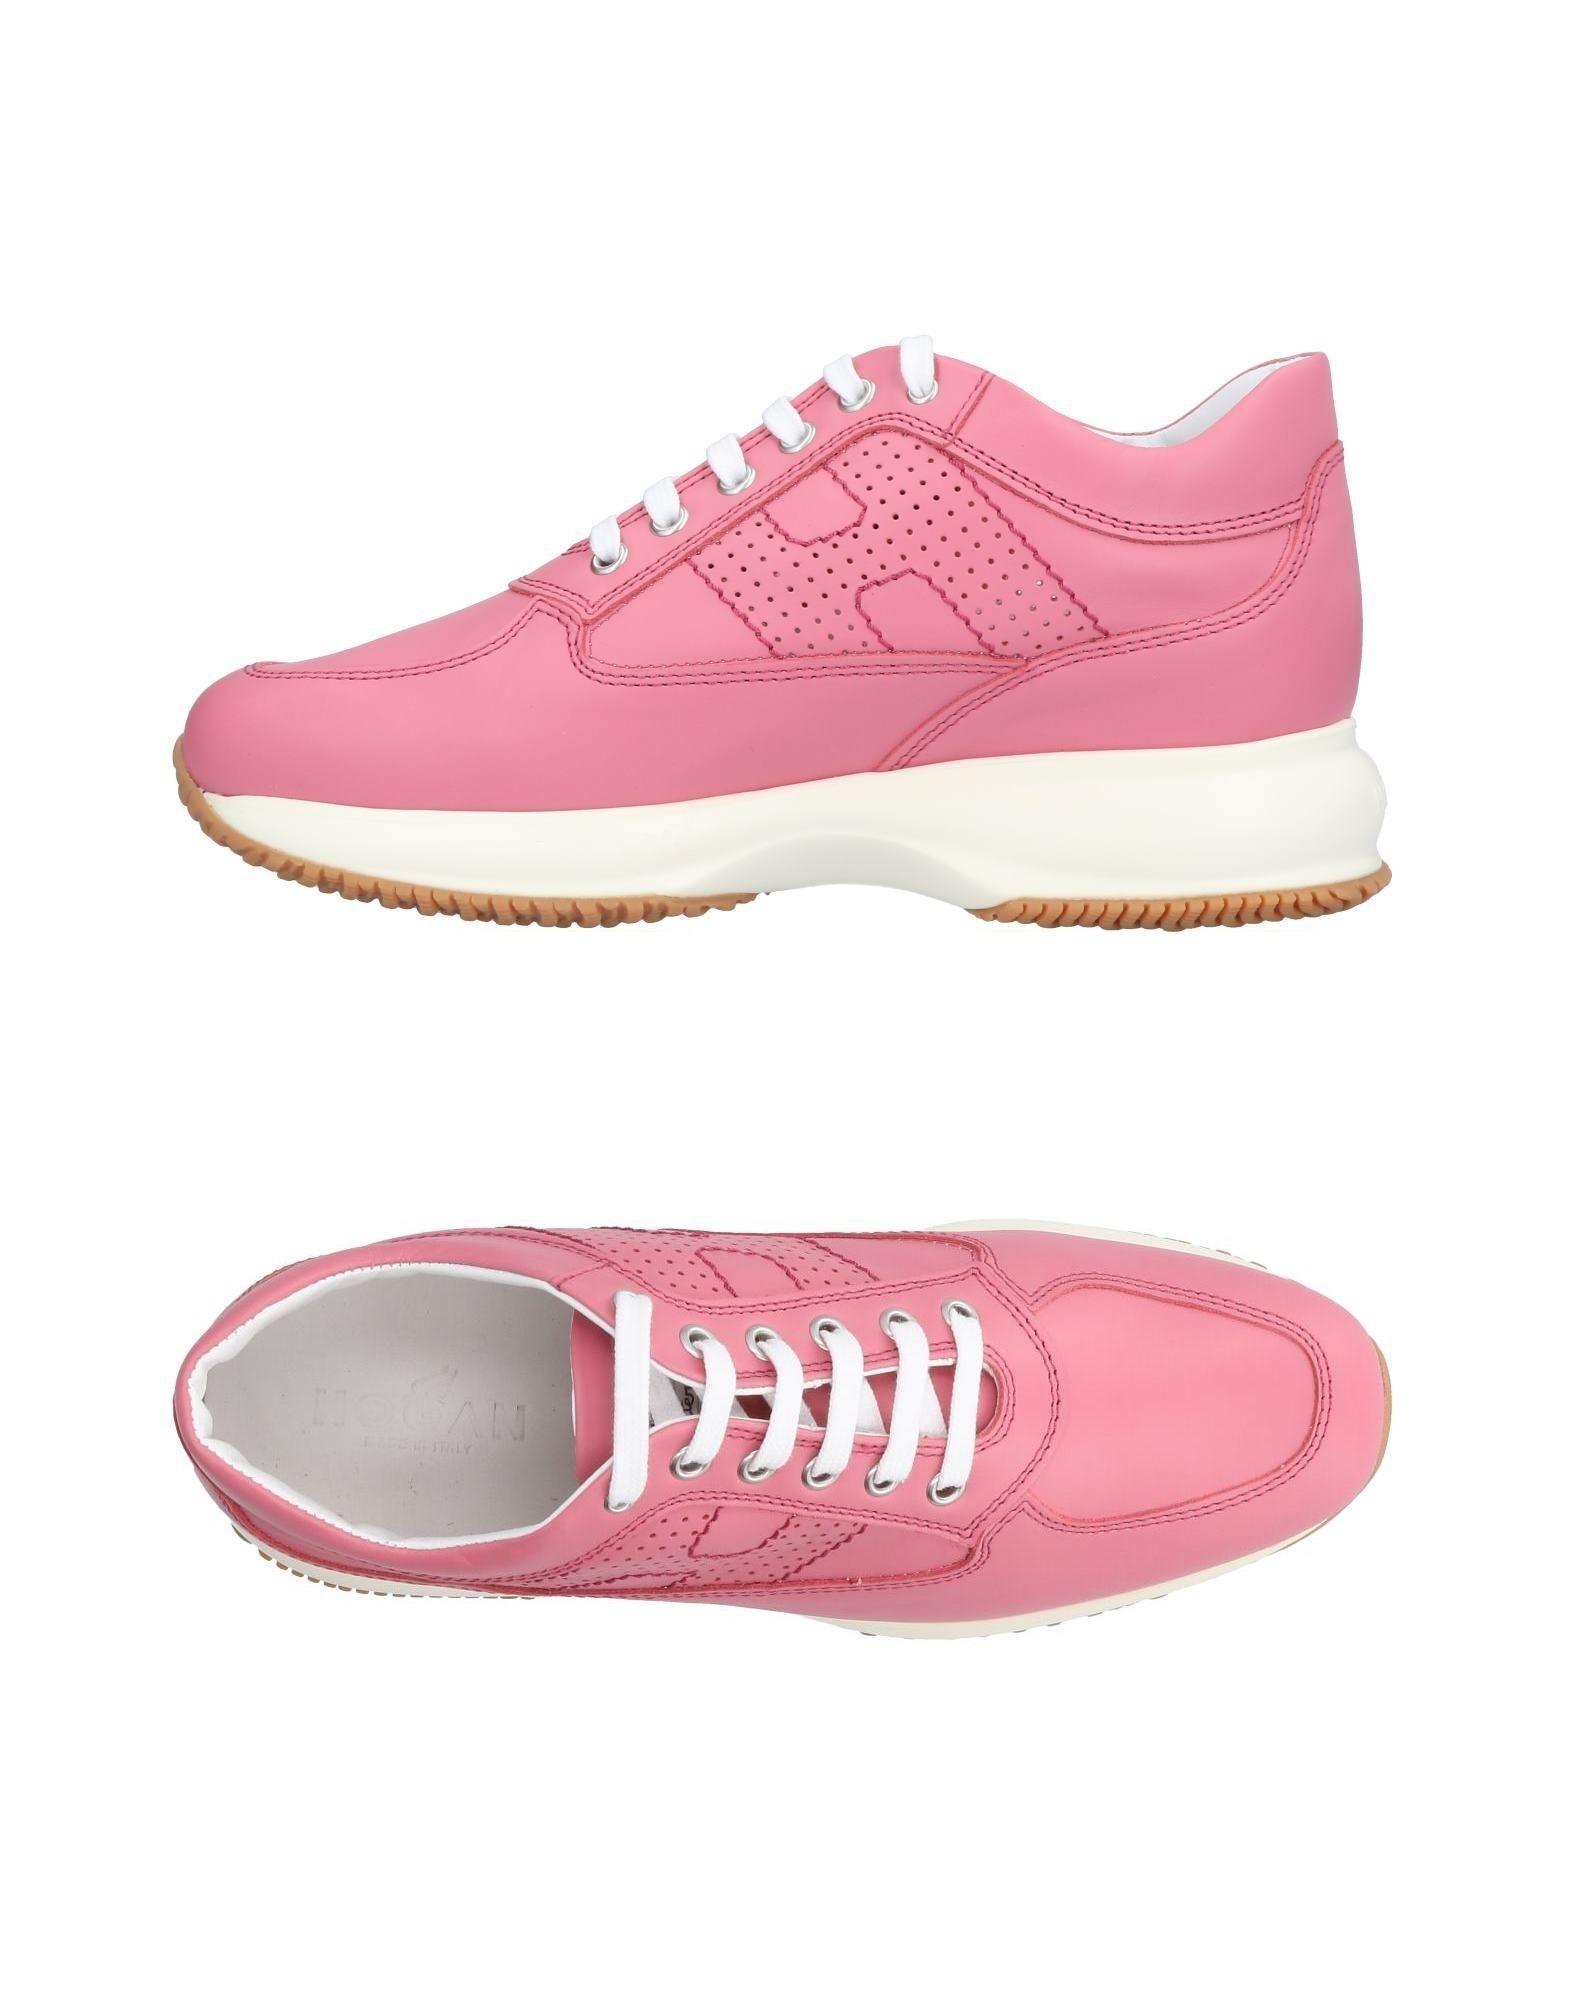 Baskets Hogan Femme - Baskets Hogan Rose Dernières chaussures discount pour hommes et femmes